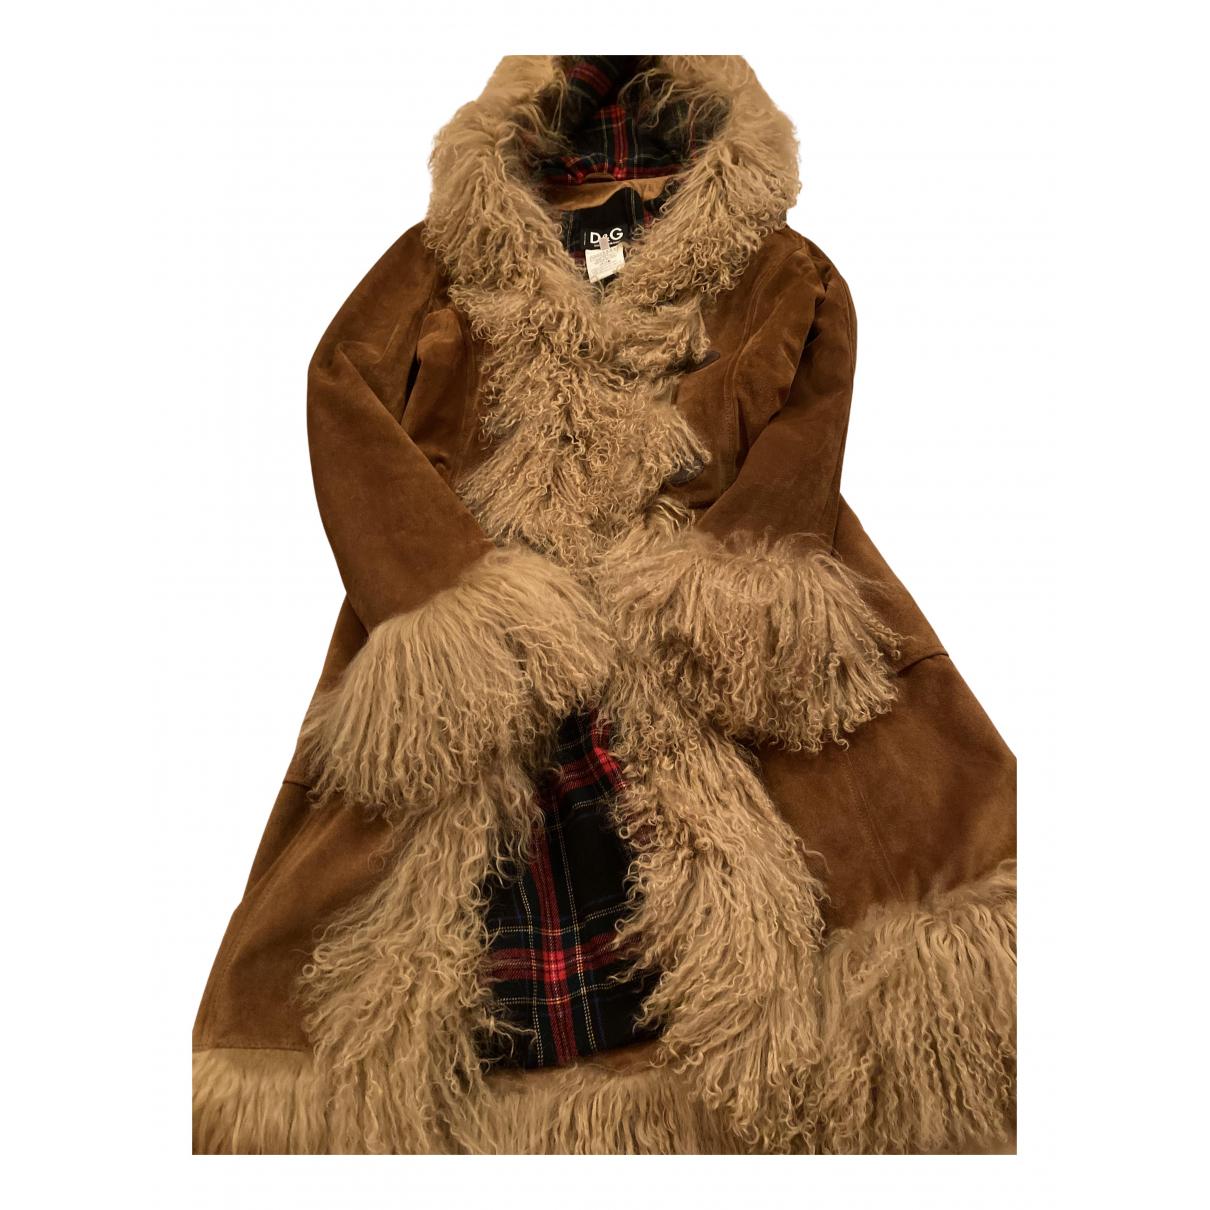 D&g - Manteau   pour femme en cuir - camel